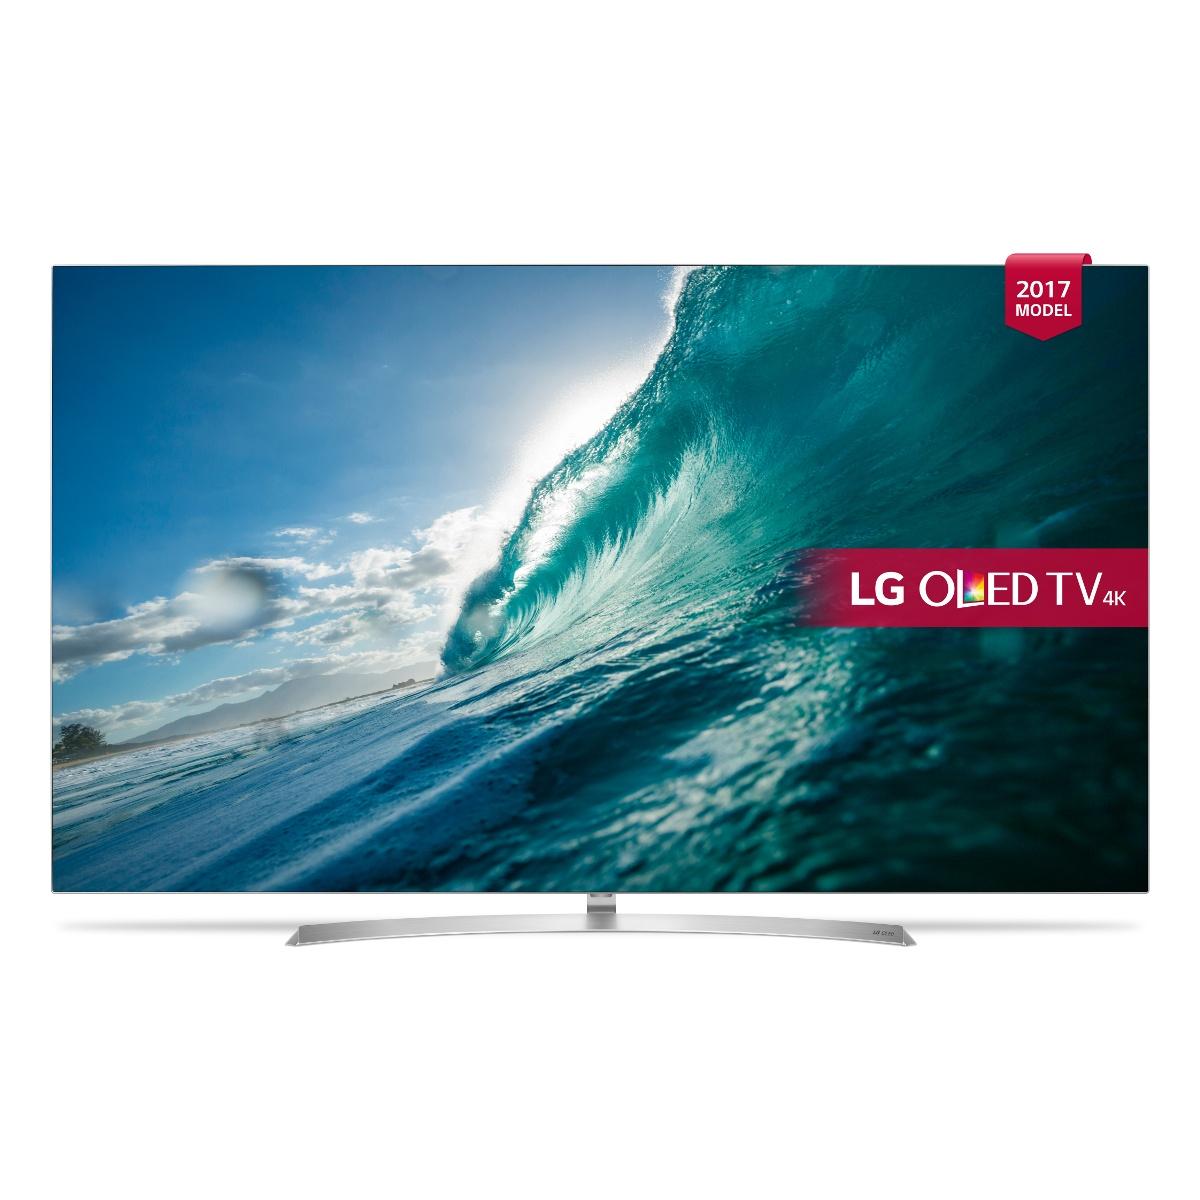 cc5fe9fd9 Televisions